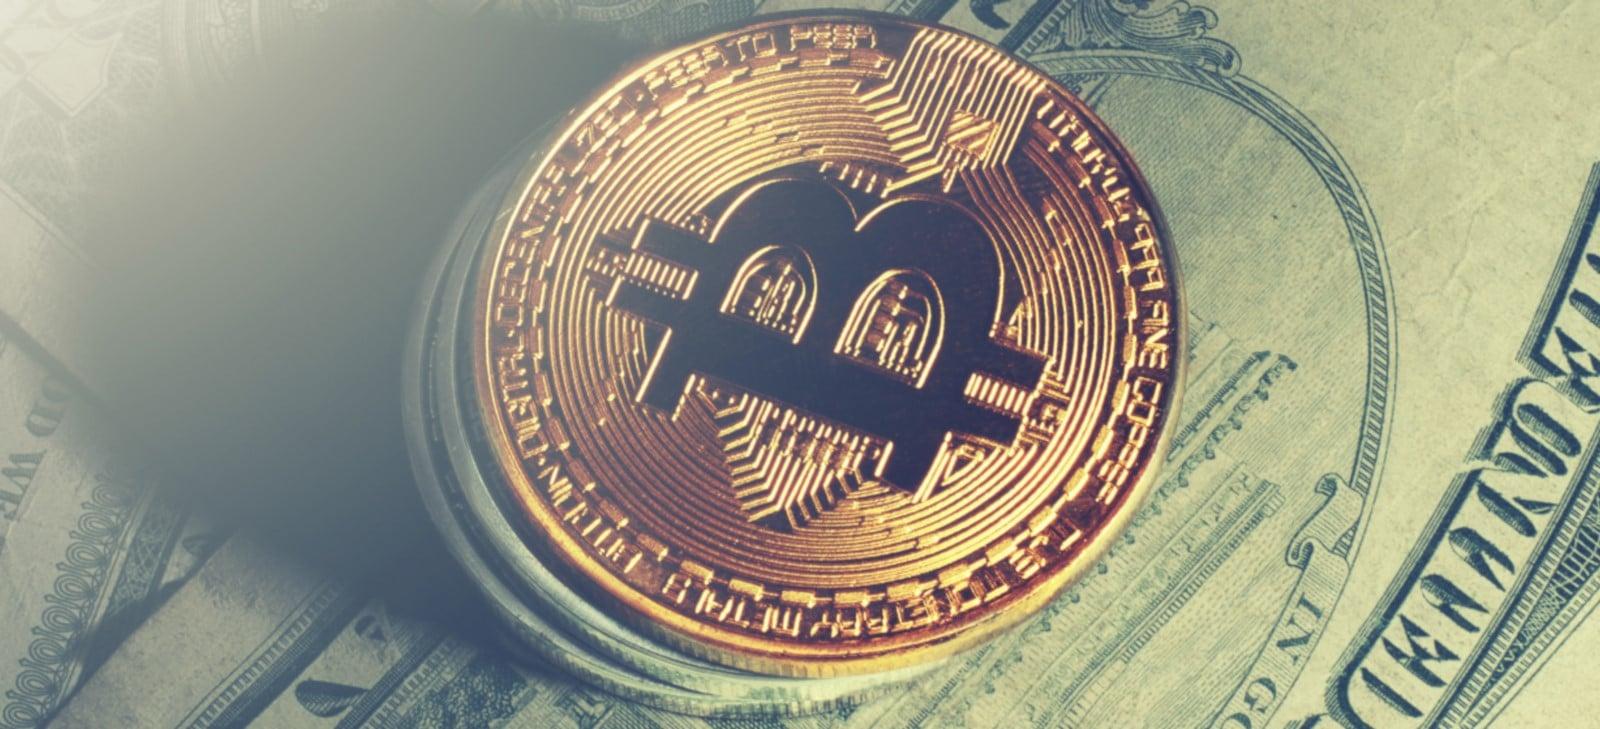 que-resuelve-btc-bitcoin